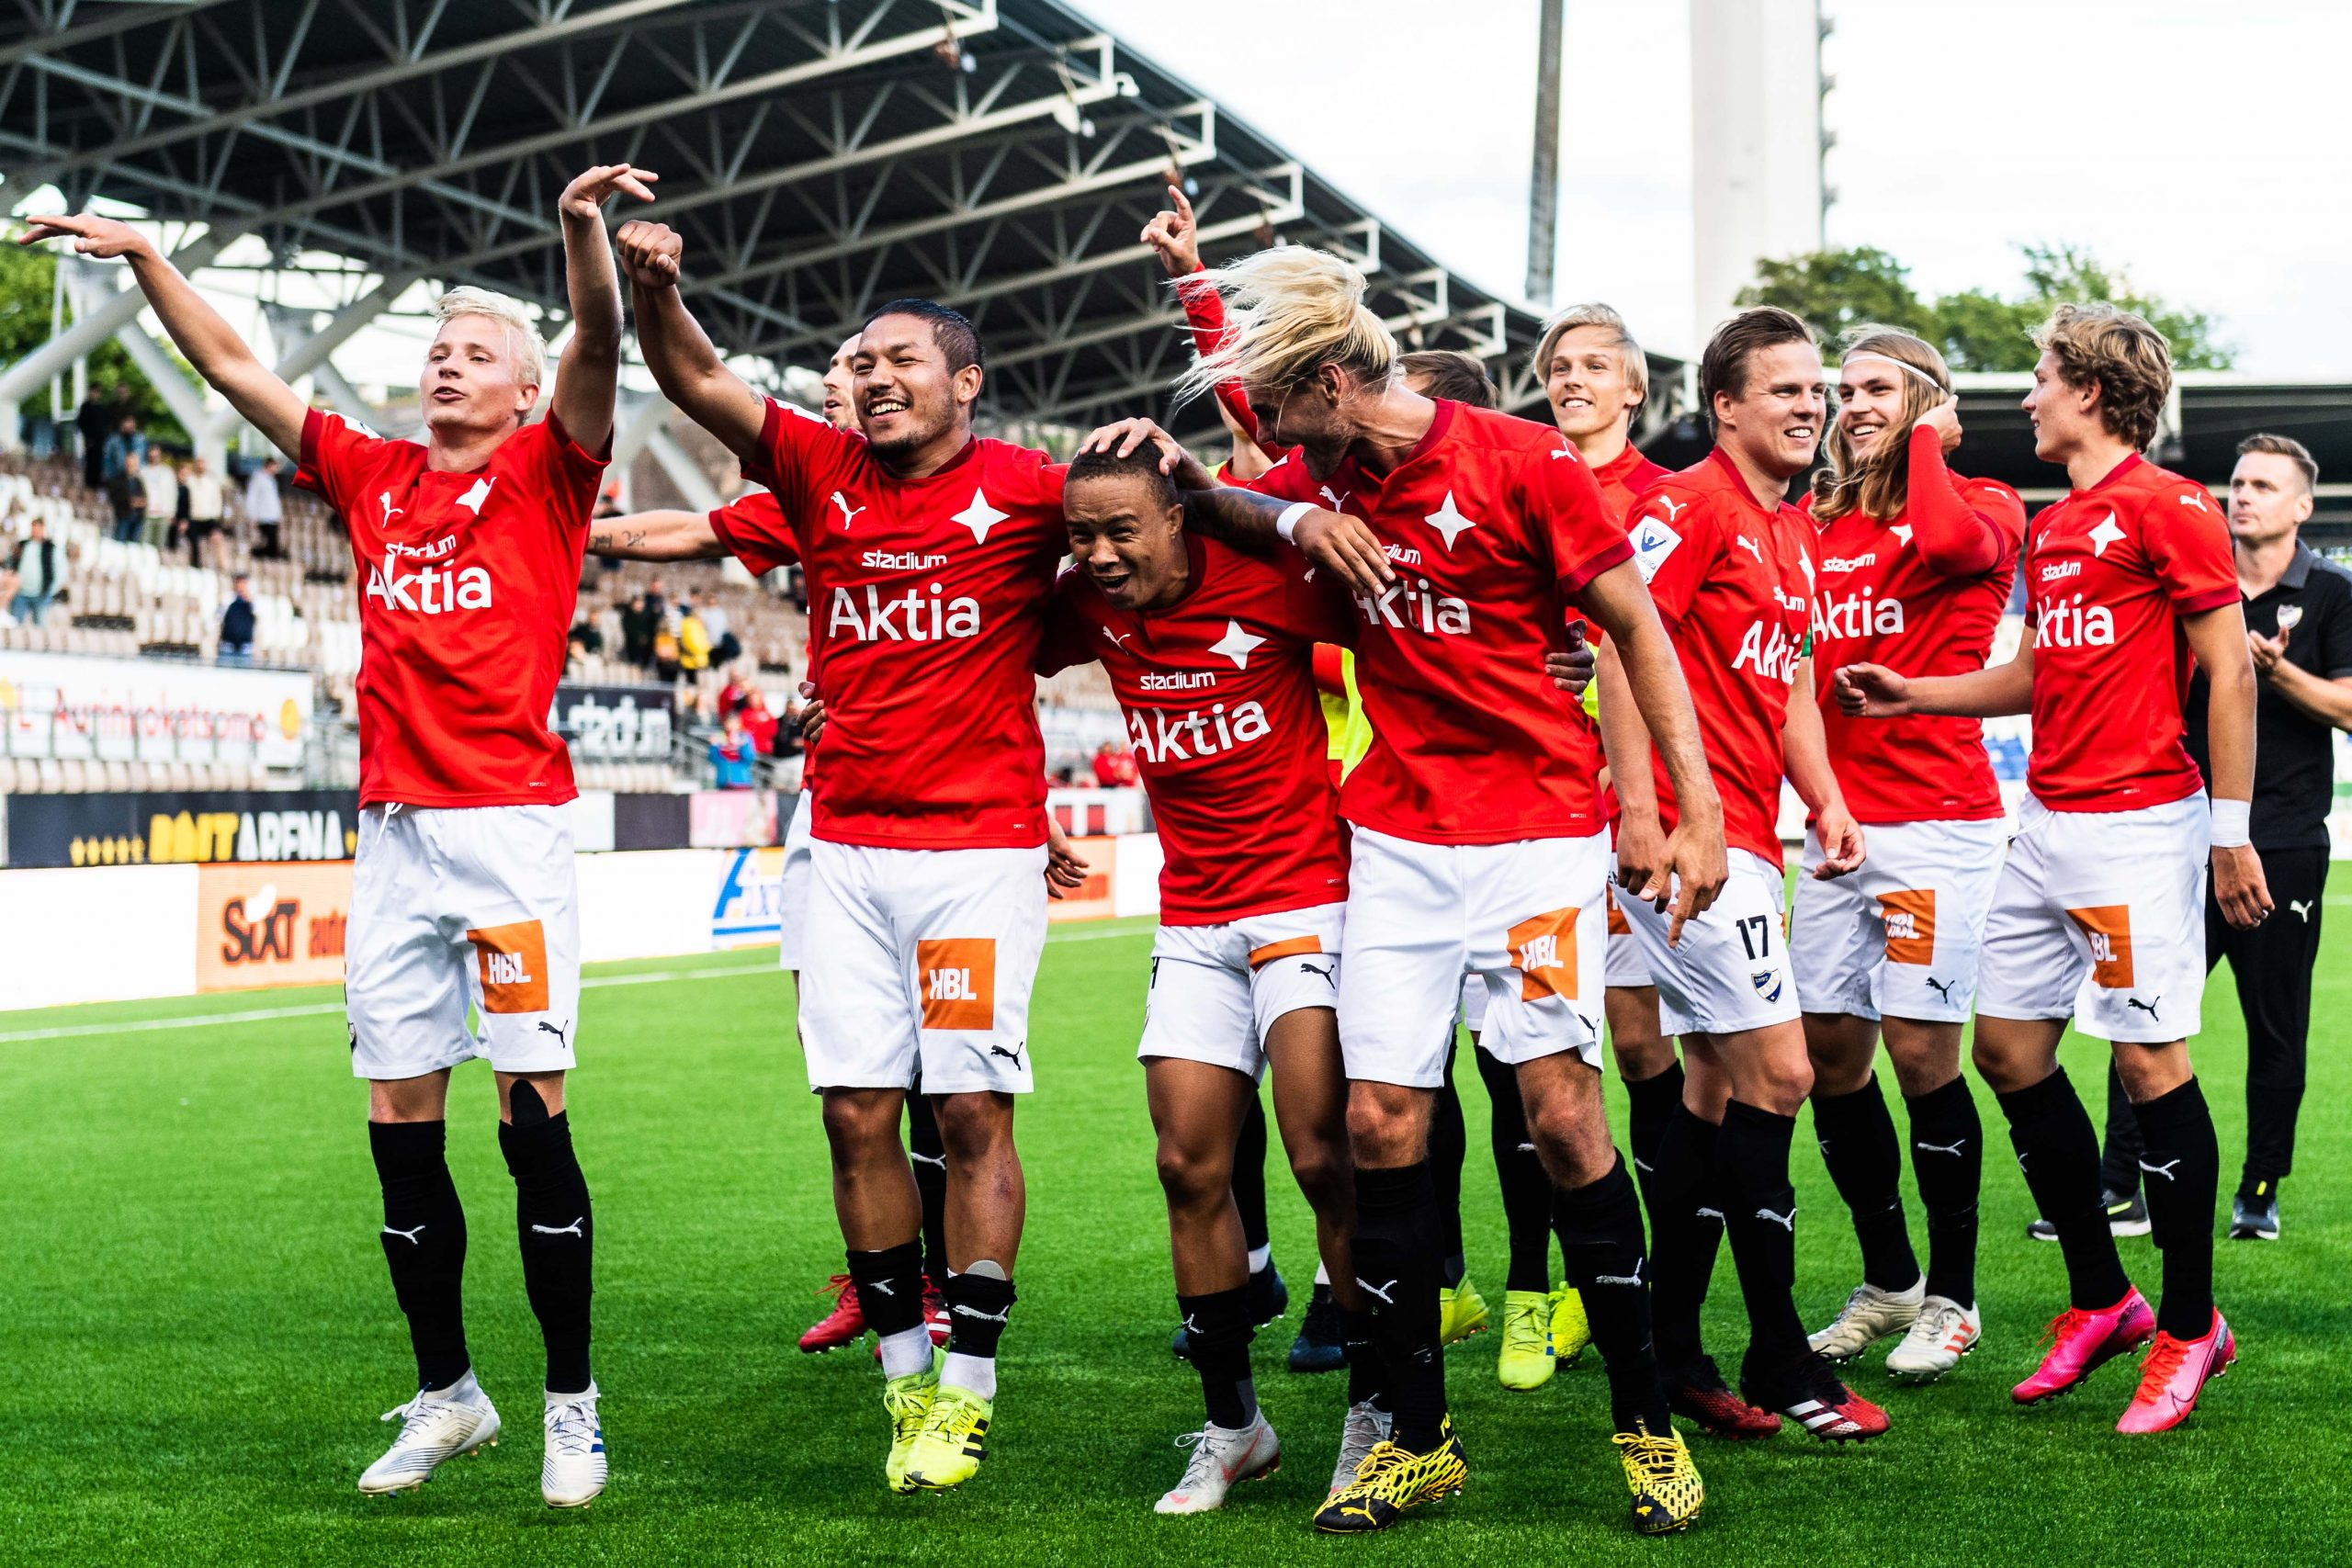 Otteluraportti: HIFK voittoon lisäajan viimeisellä minuutilla